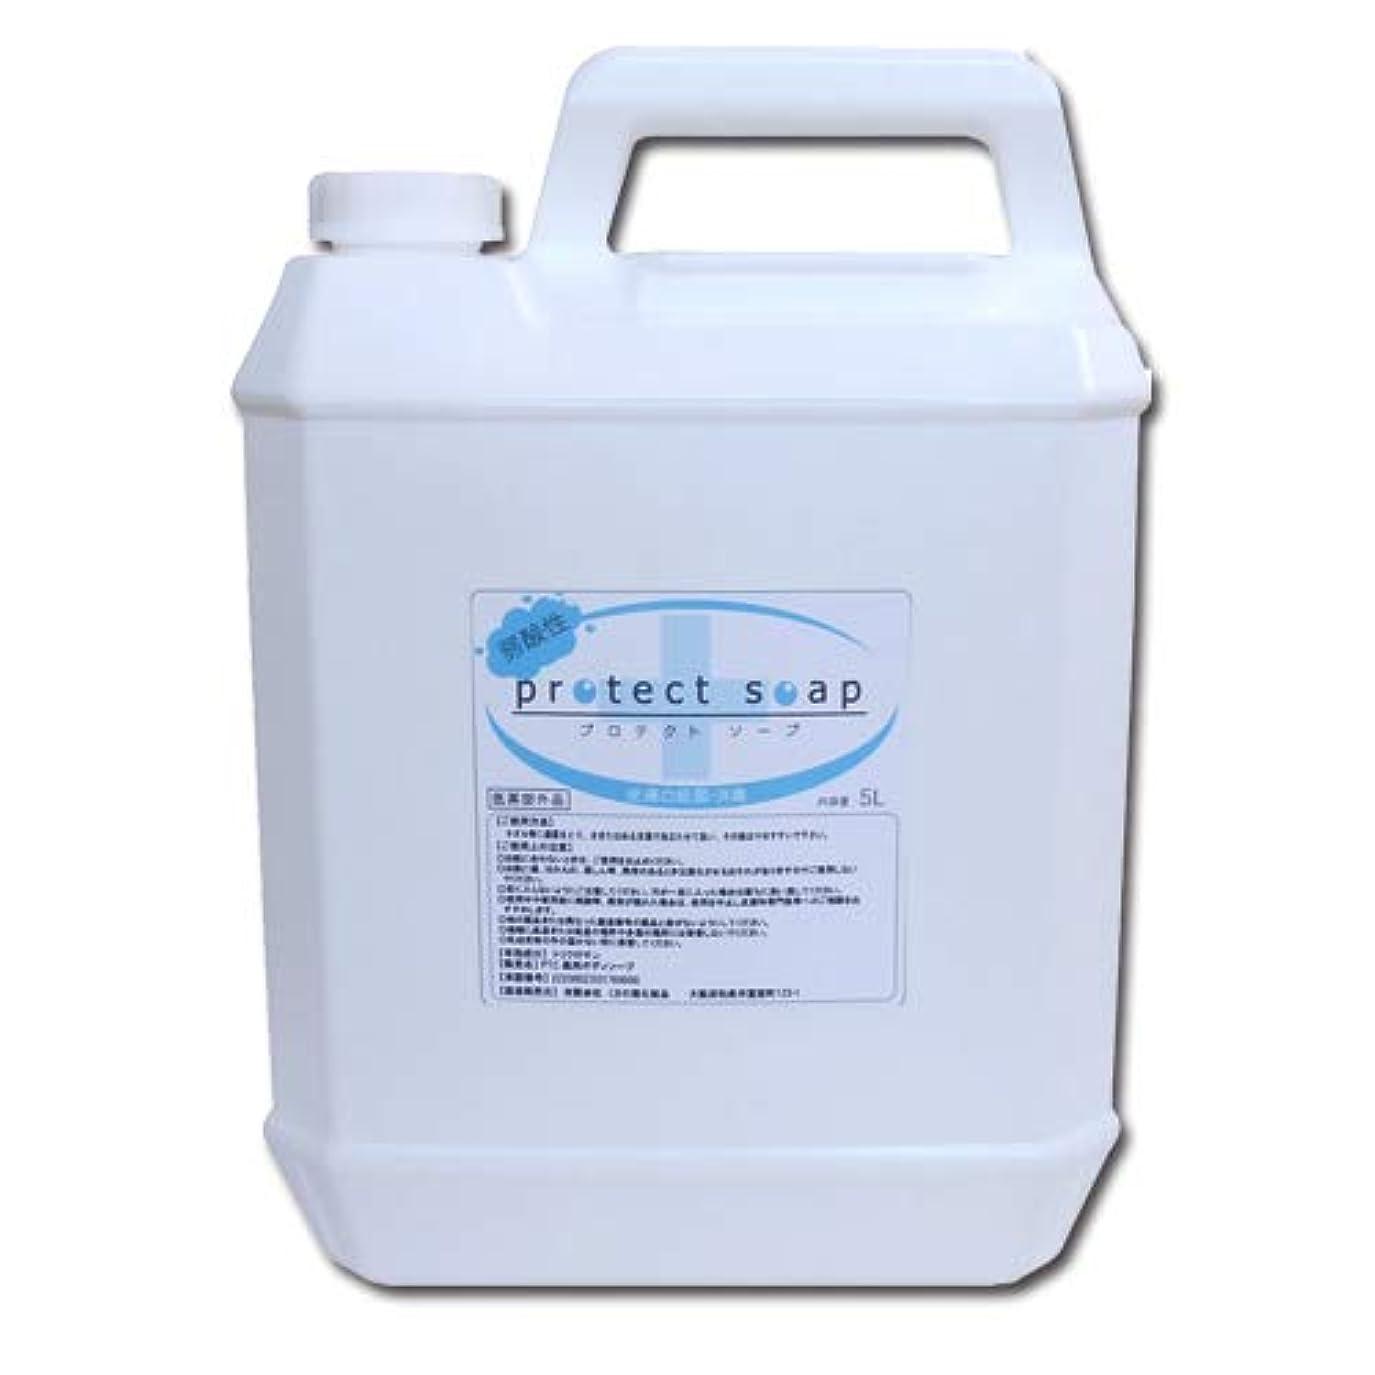 悩み理容室コンベンション低刺激弱酸性 液体石鹸 プロテクトソープ 5L 業務用│せっけん液 液体せっけん 殺菌?消毒 インフルエンザ?ノロウィルス対策